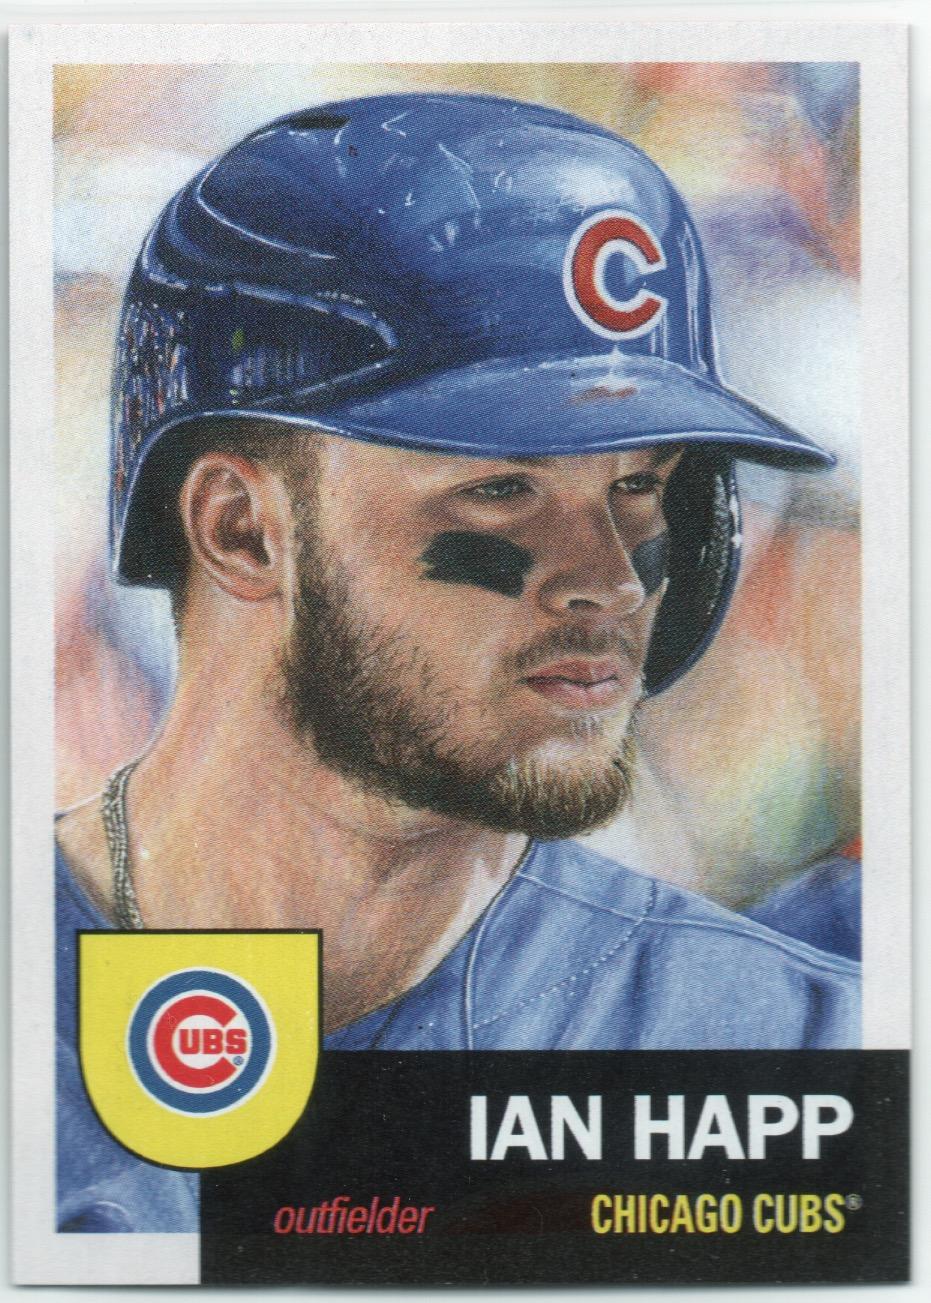 5. Ian Happ (3,042) -